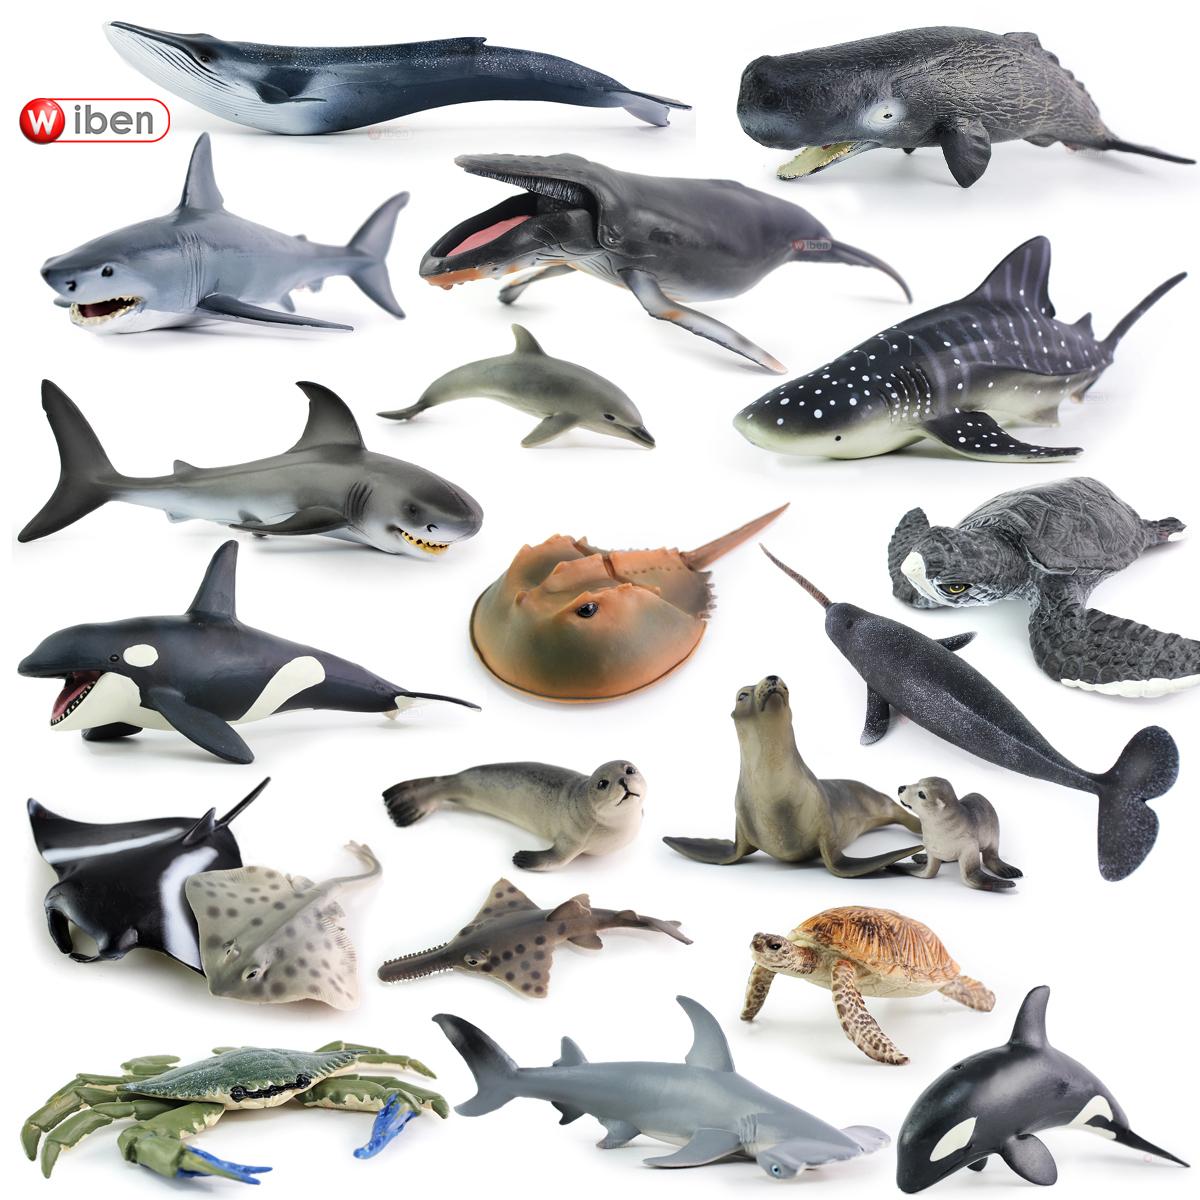 仿真动物海洋生物模型虎鲸儿童玩具